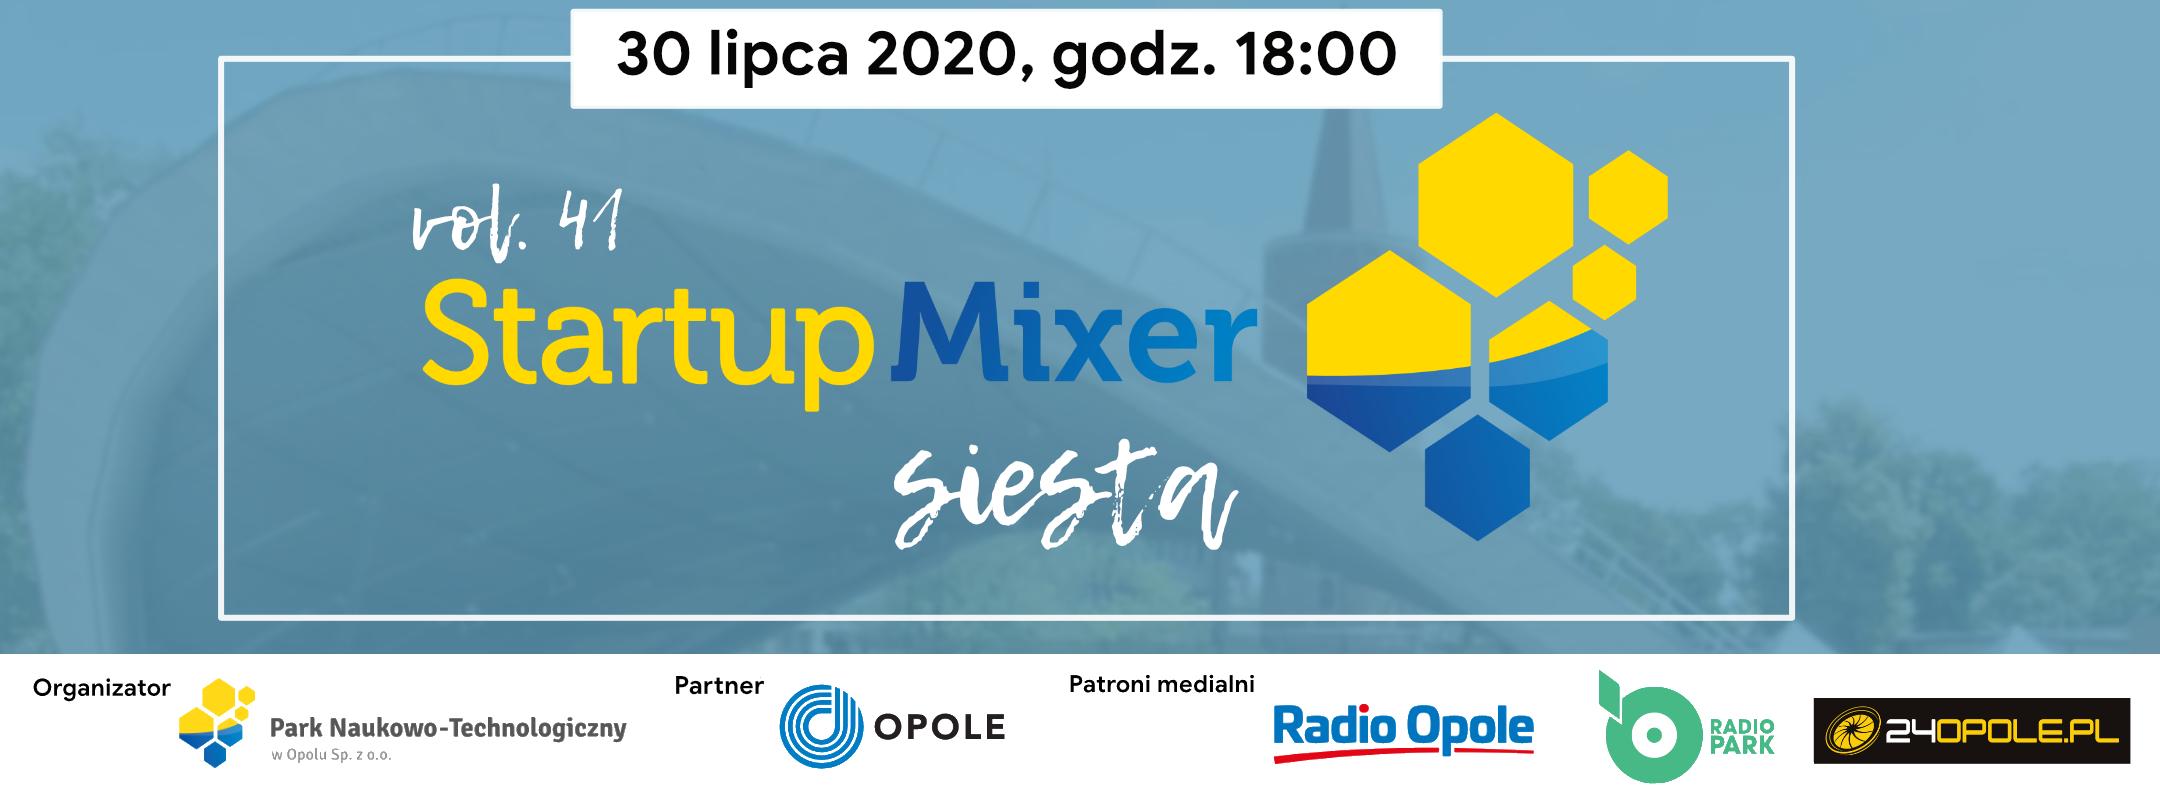 41. Startup Mixer już w czwartek – przyjdź i dowiedz się, co słychać w opolskim biznesie! [materiały organizatora]